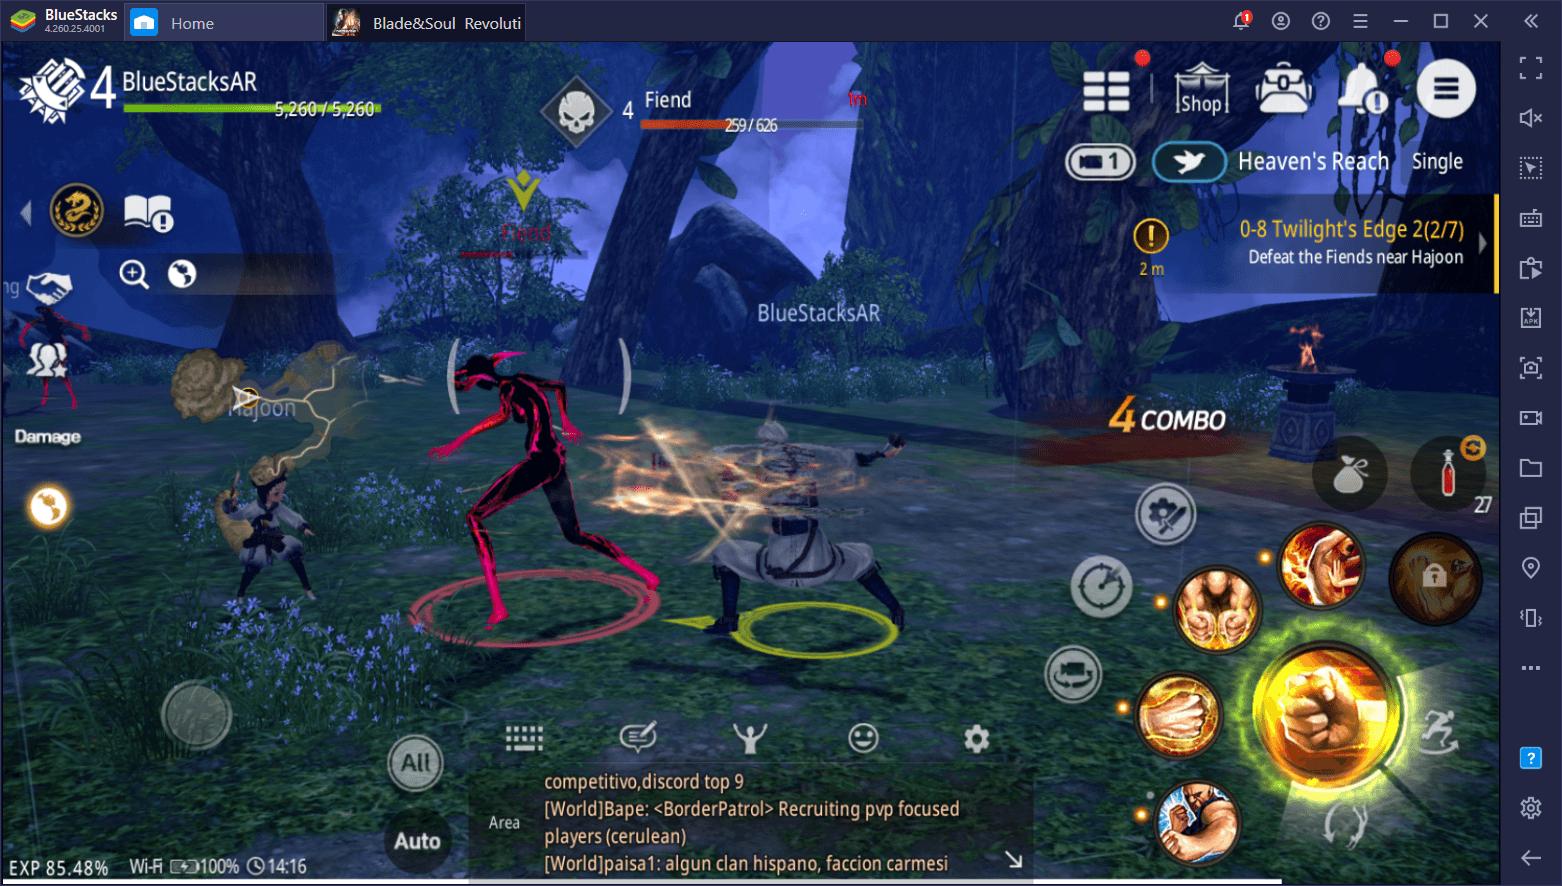 Blade & Soul: Revolution sur PC – Comment profiter à fond du jeu en y jouant sur BlueStacks